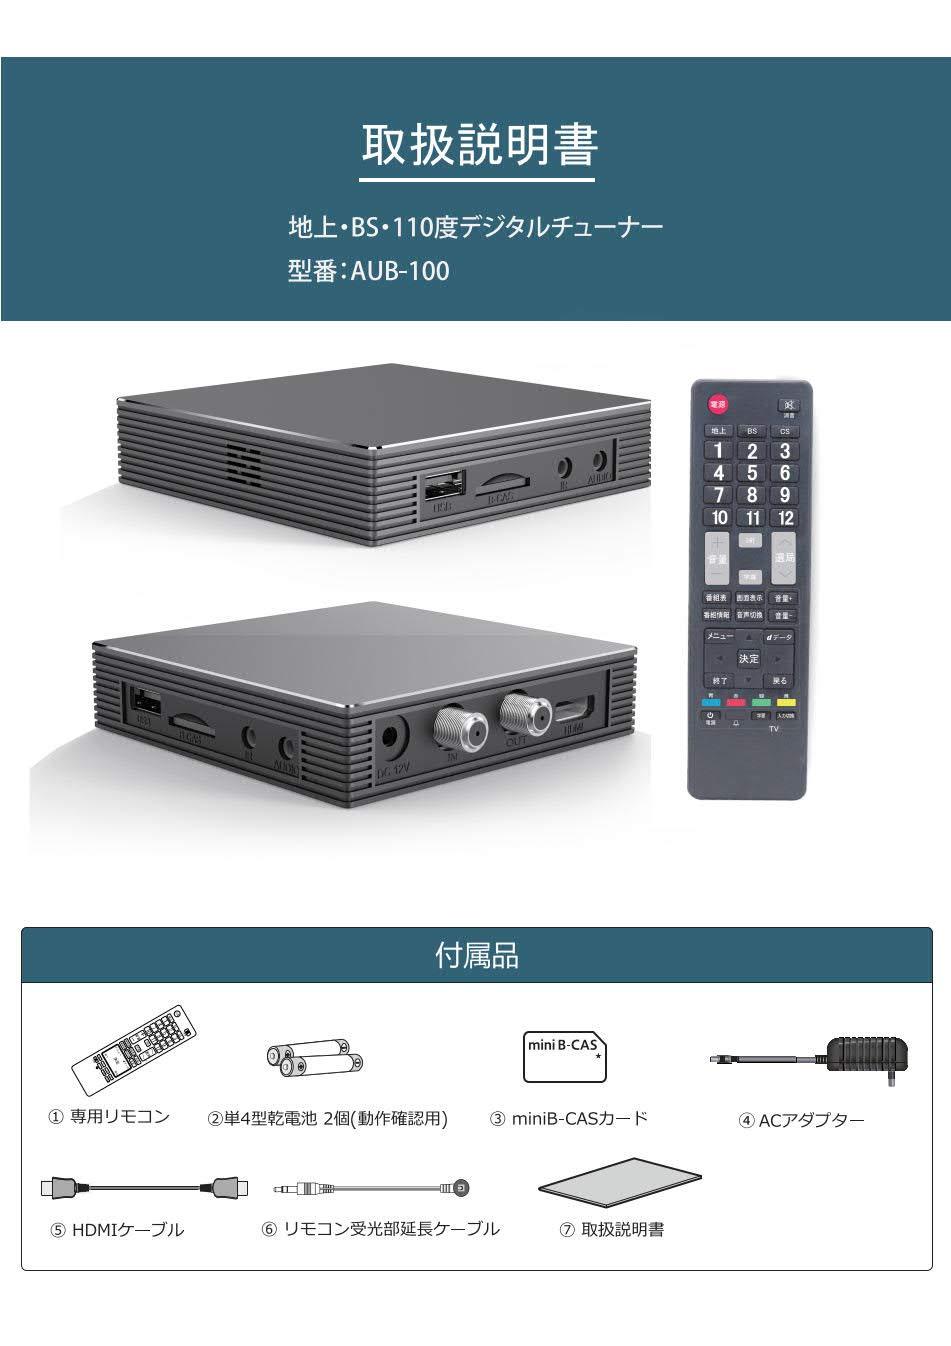 外部にアンテナ分配器不要 ミニBCASカード同梱 手のひらサイズの地デジ・BS/ CS対応2Kフルハイビジョンチューナー AuBee AUB-100 HDMIケーブル・学習リモコン・IR延長ケーブル付属